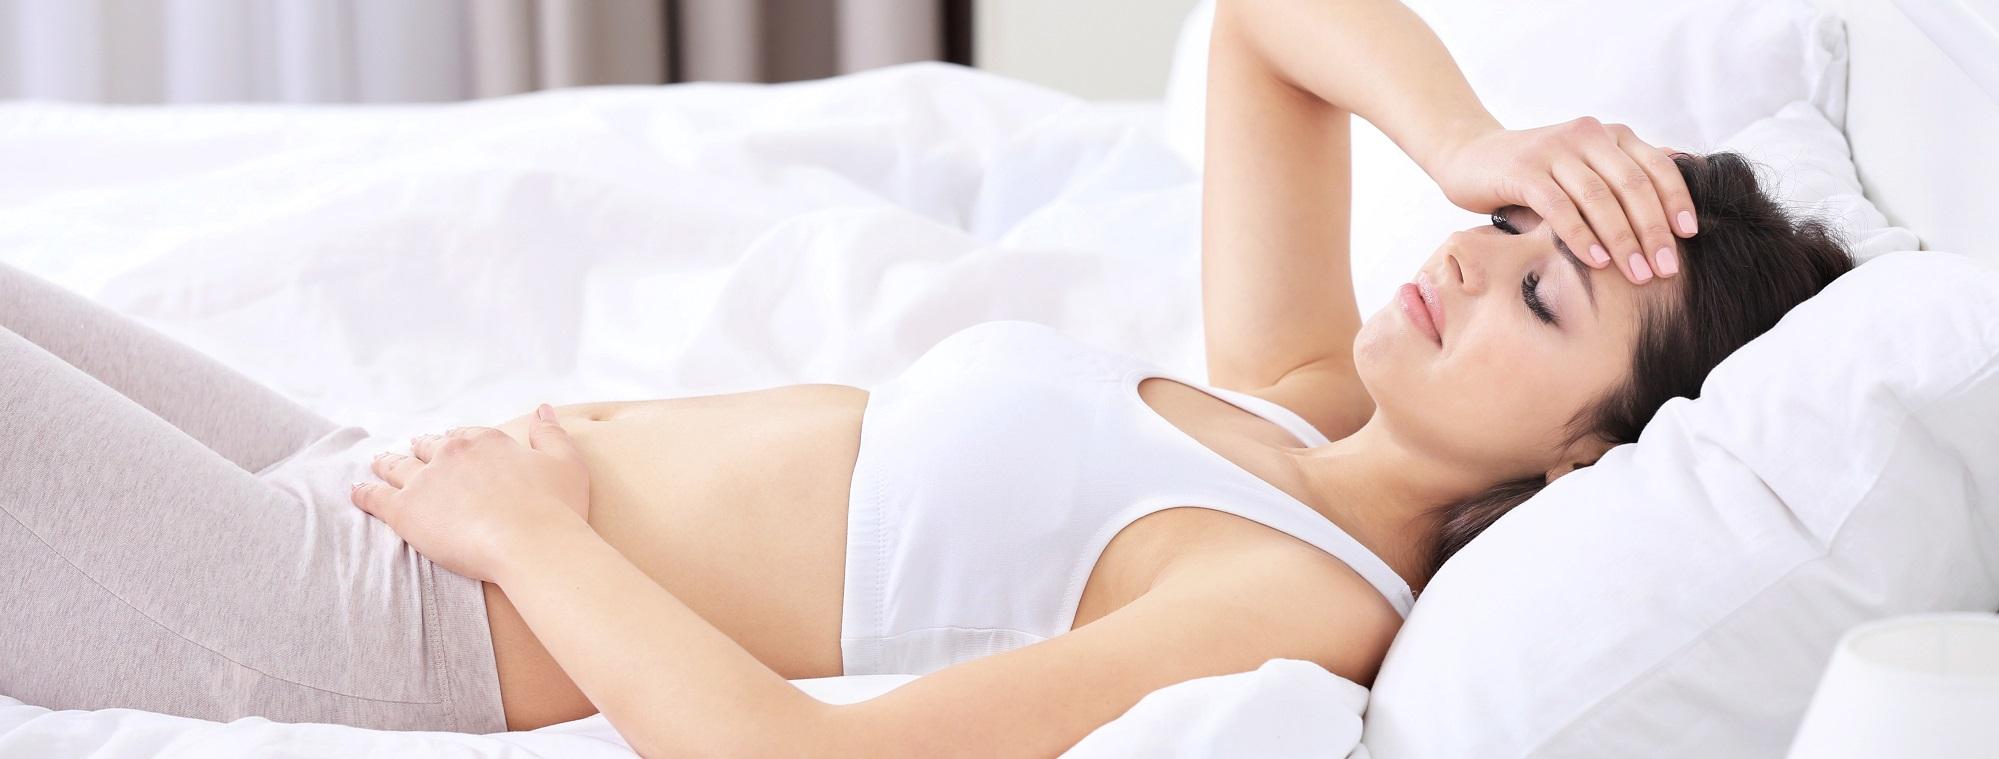 13 DPO: First Pregnancy Symptoms